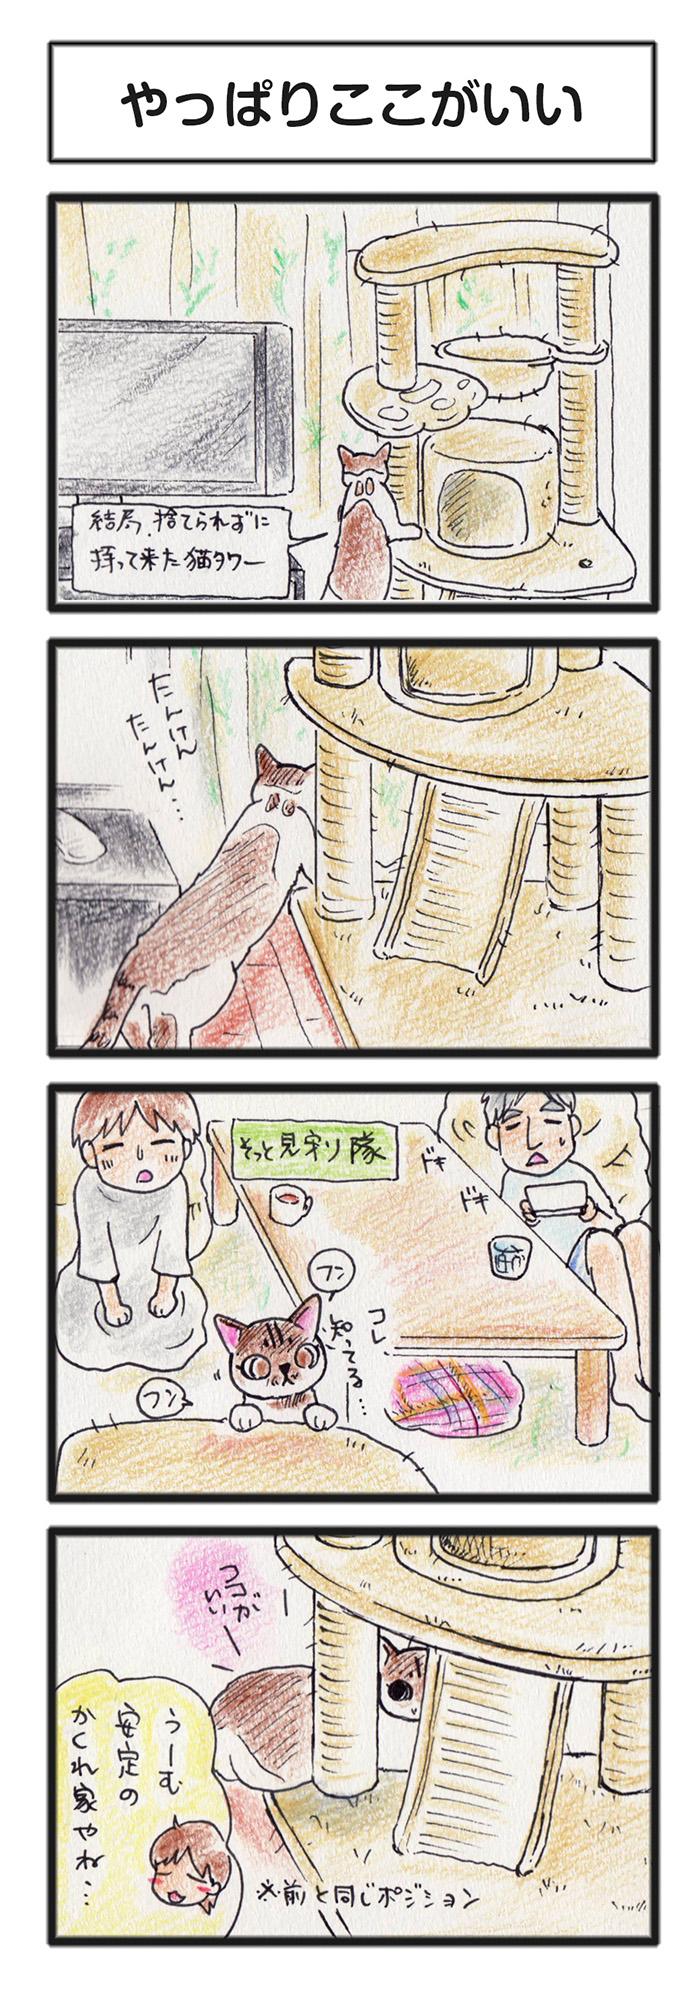 comic_4c_14101101.jpg